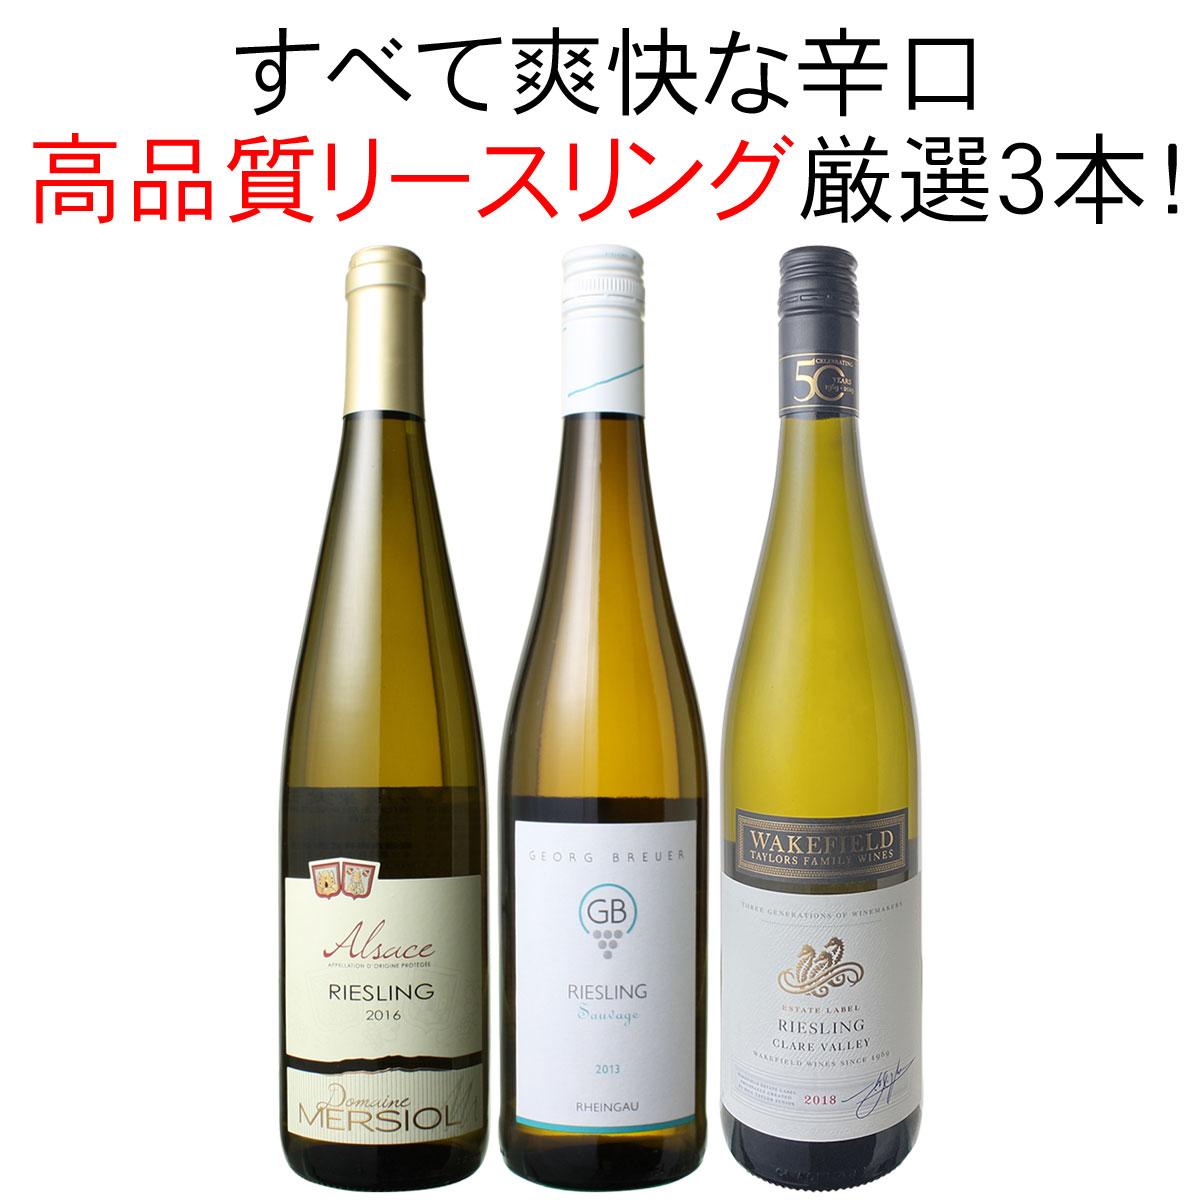 ワインセット 辛口 リースリング 飲み比べ 3本 セット 白ワイン ドイツ アルザス ニュージーランド 家飲み 御祝 誕生日 ハロウィン ギフト 爽快&上質